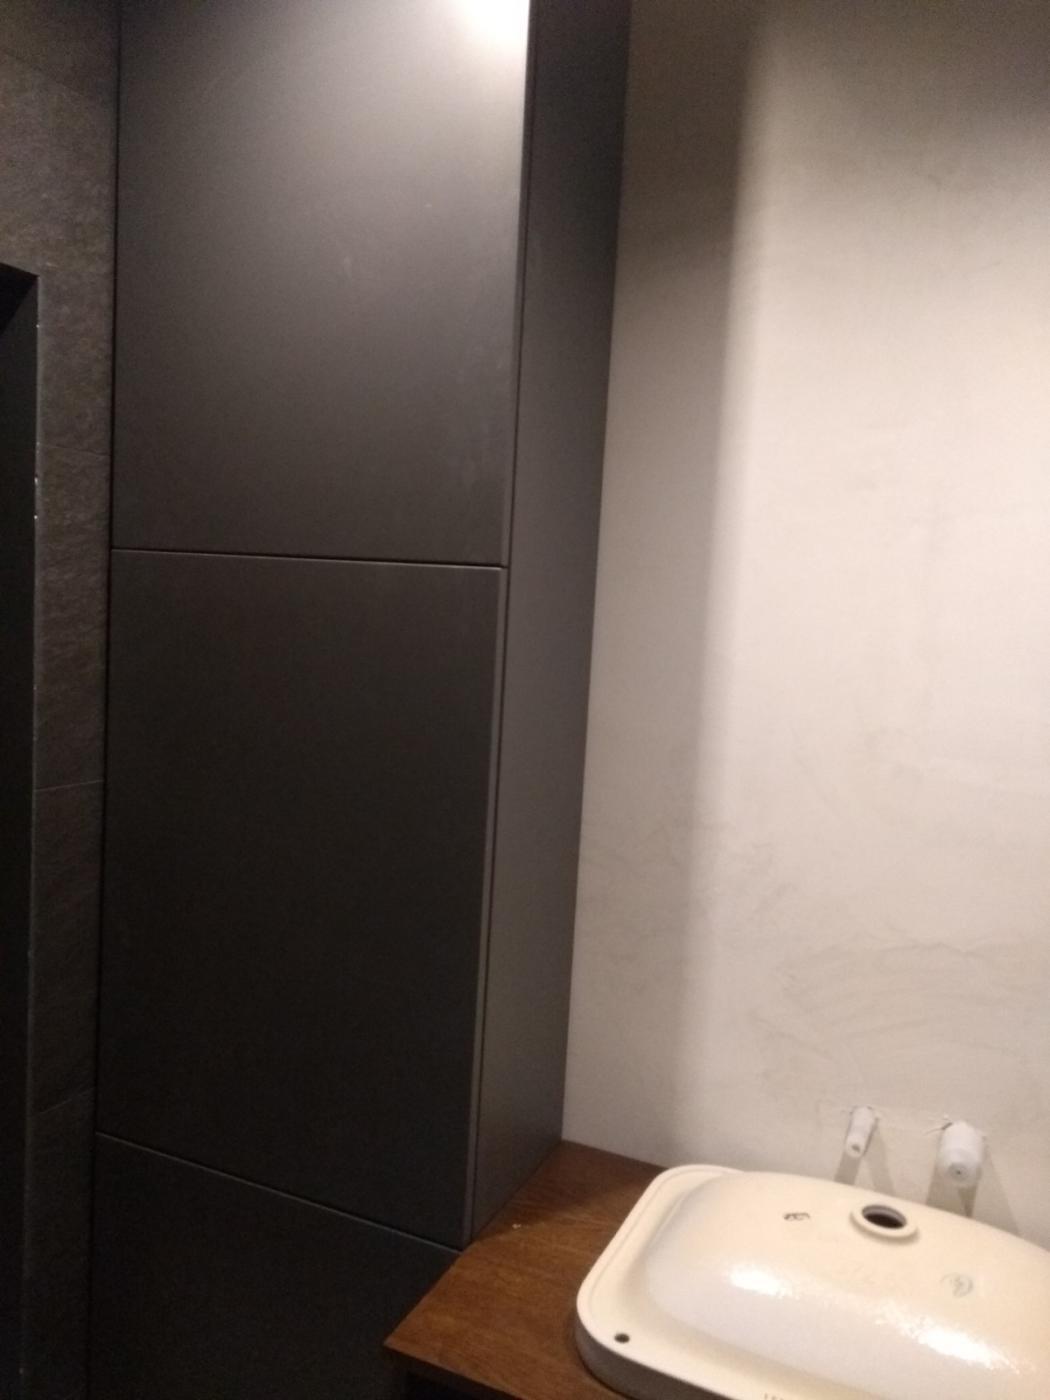 szafka łazienkowa. kolor antracyt